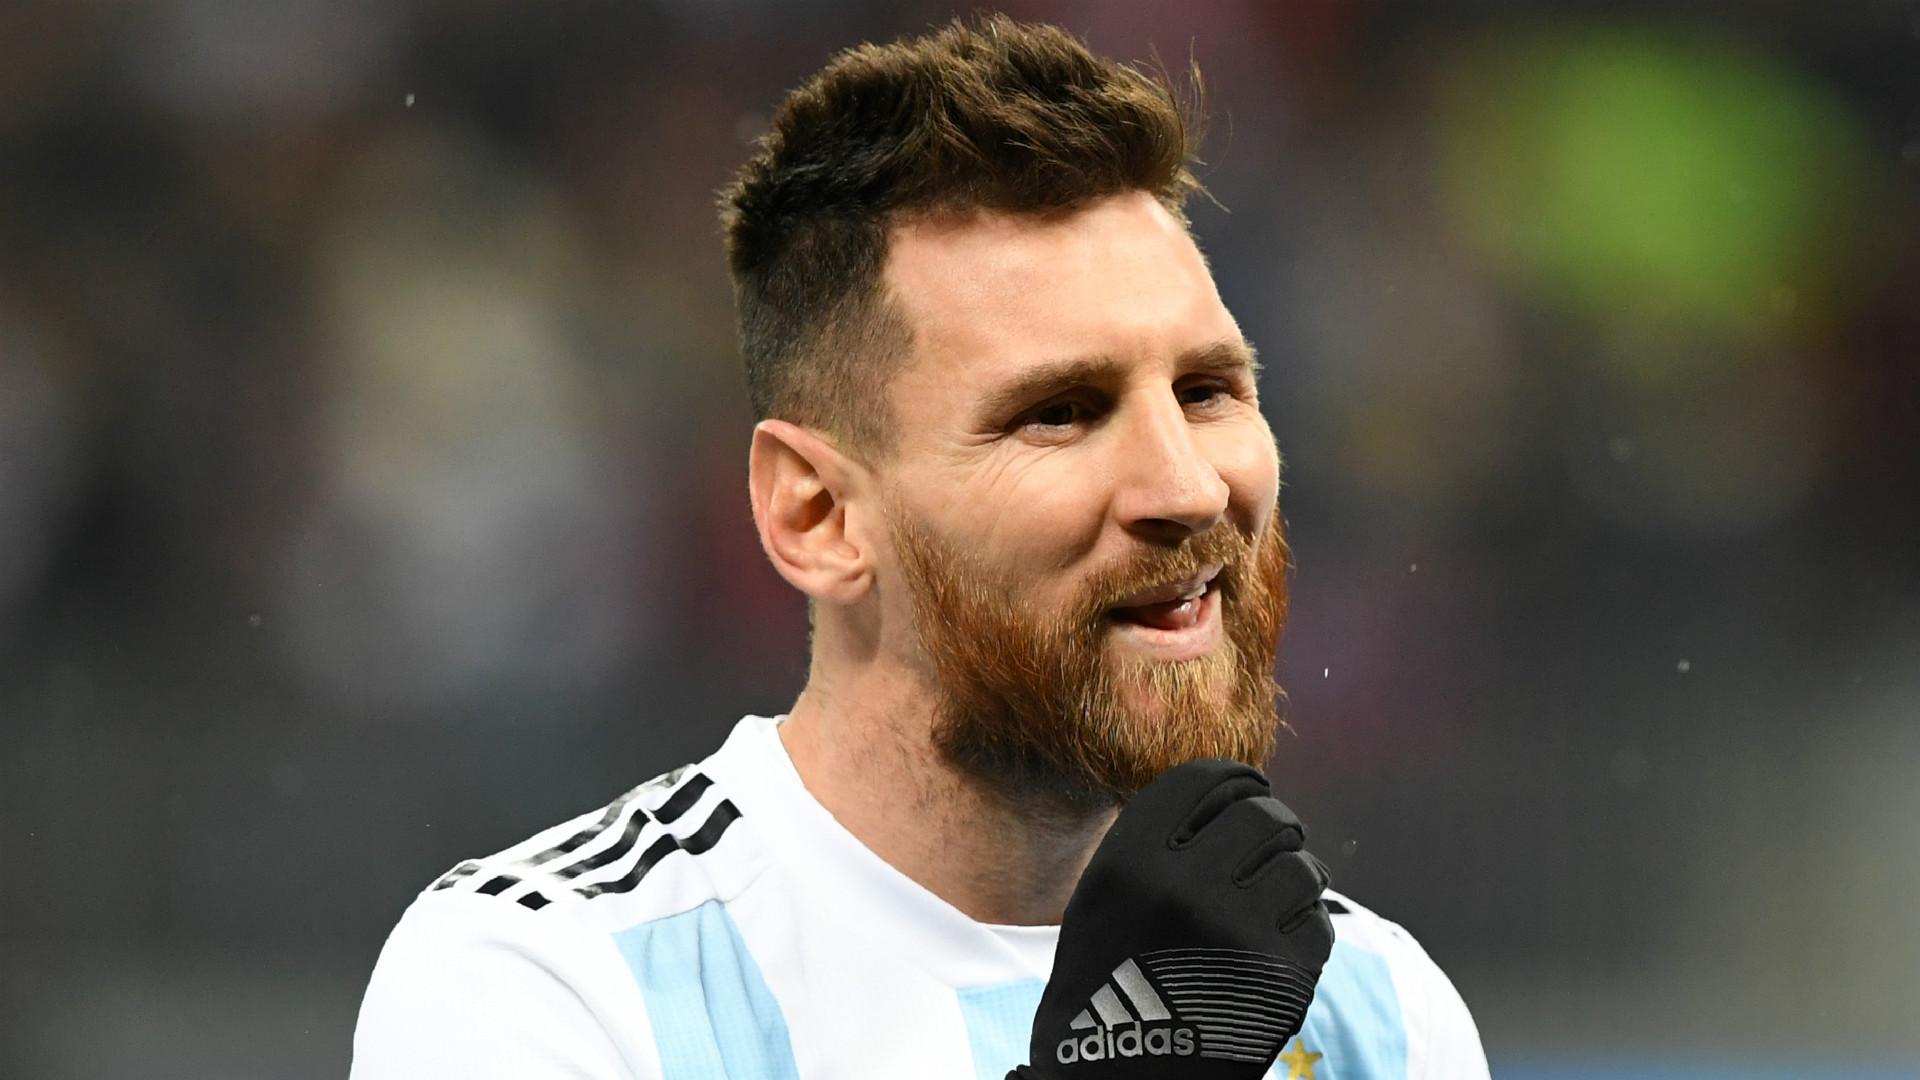 Messi qualifie Mateo, son cadet, de